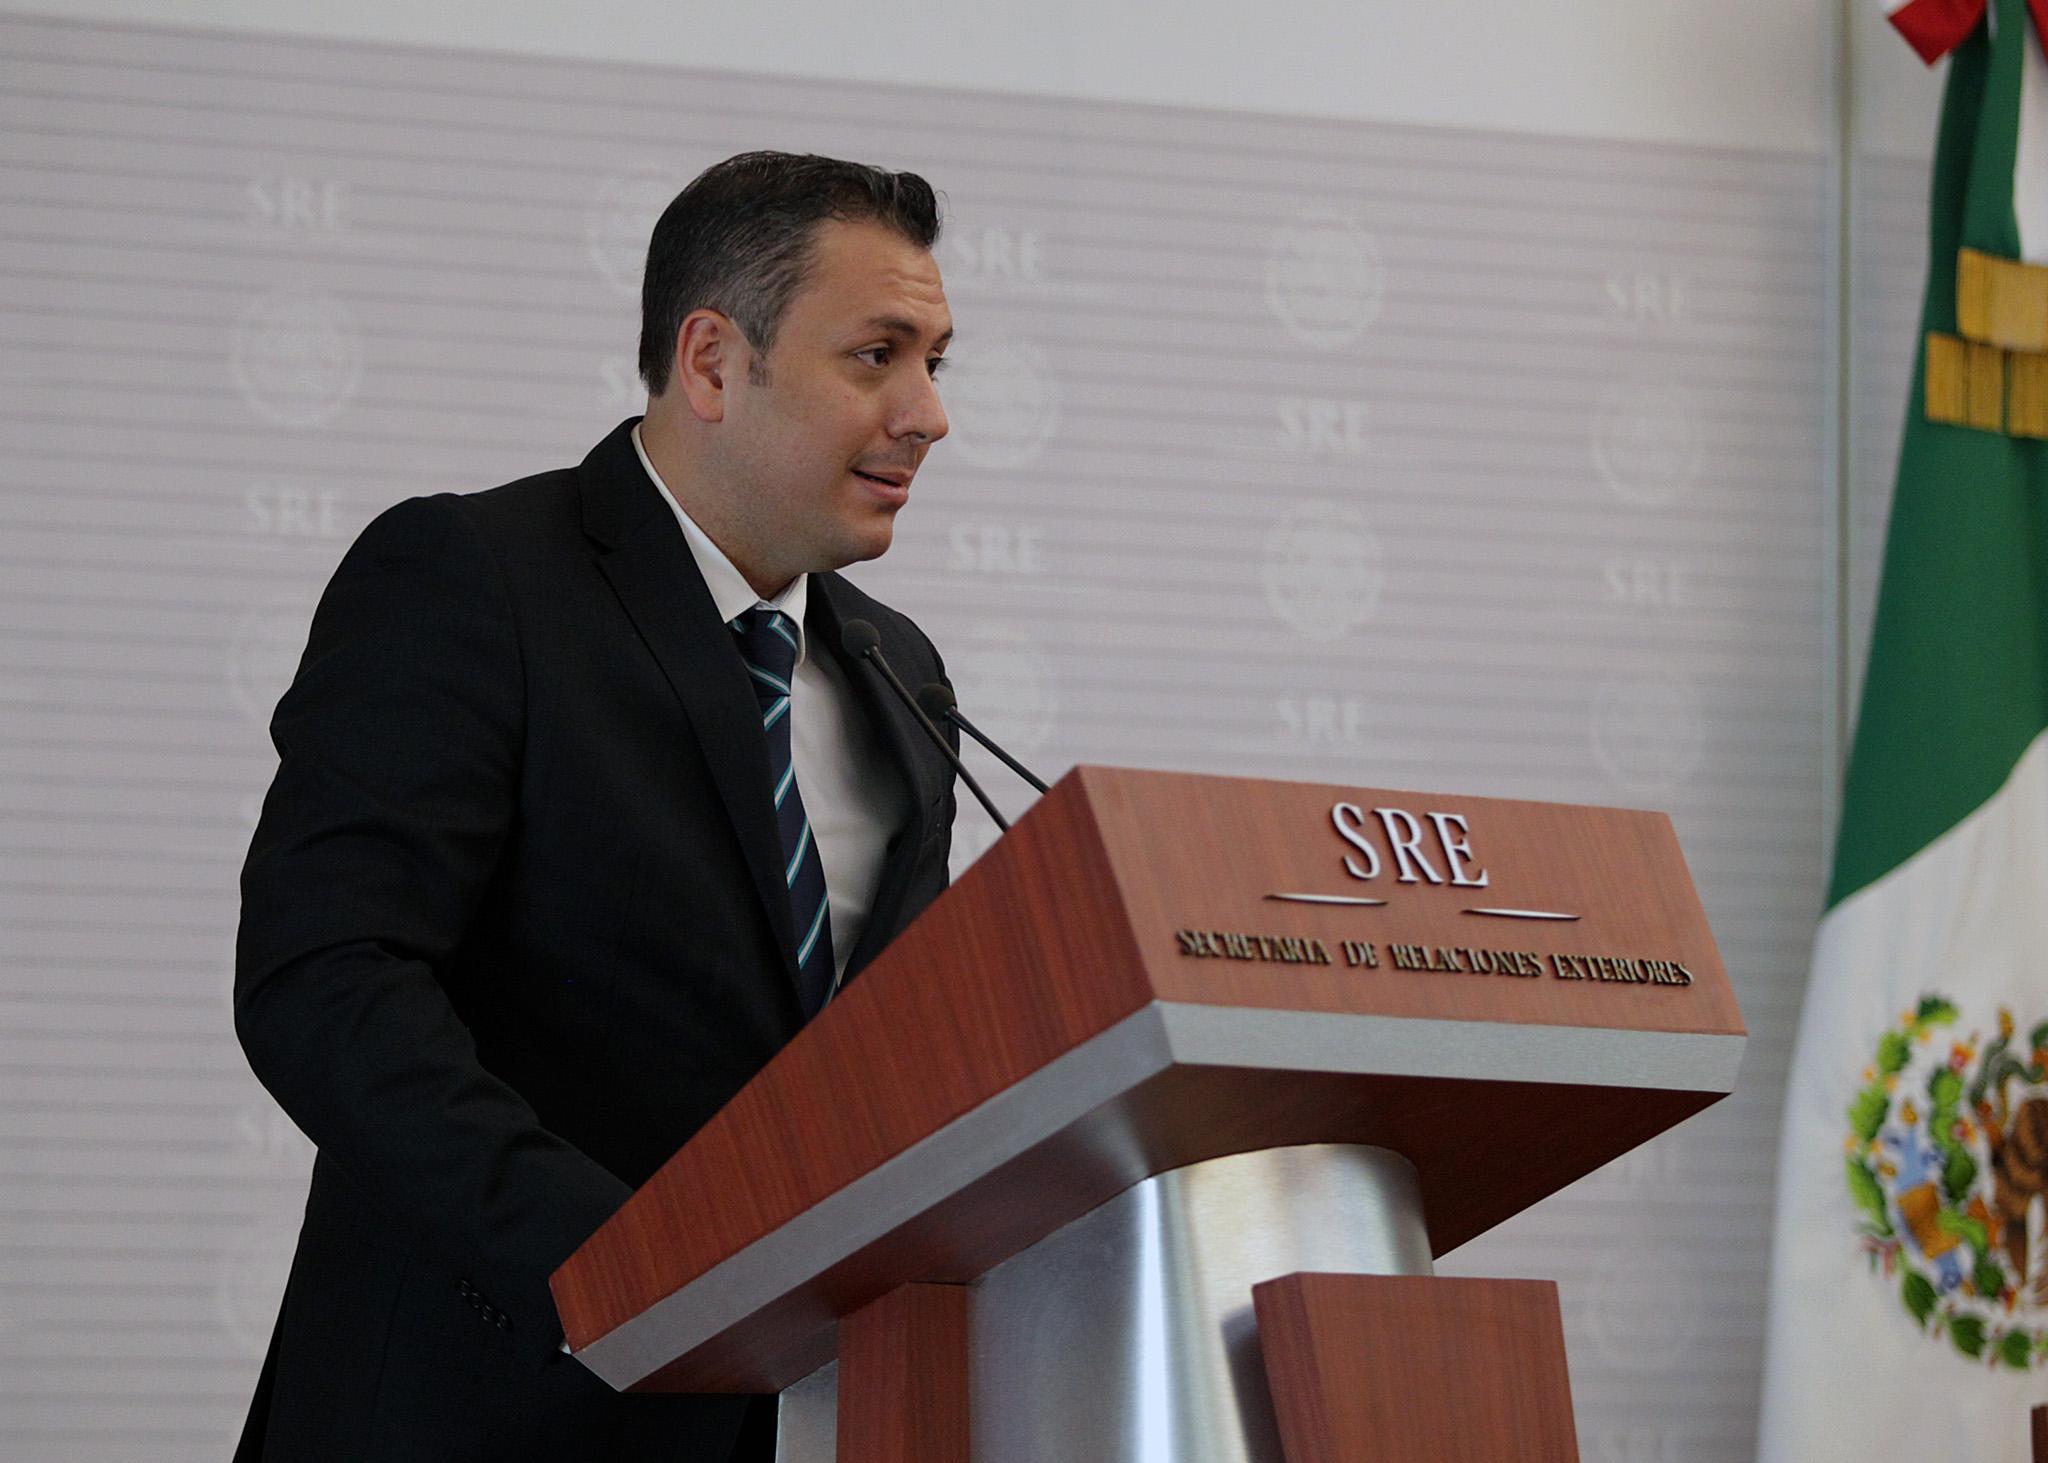 FOTO 3 Marco Antonio Garc a Castro  Oficial Mayor de la SREjpg